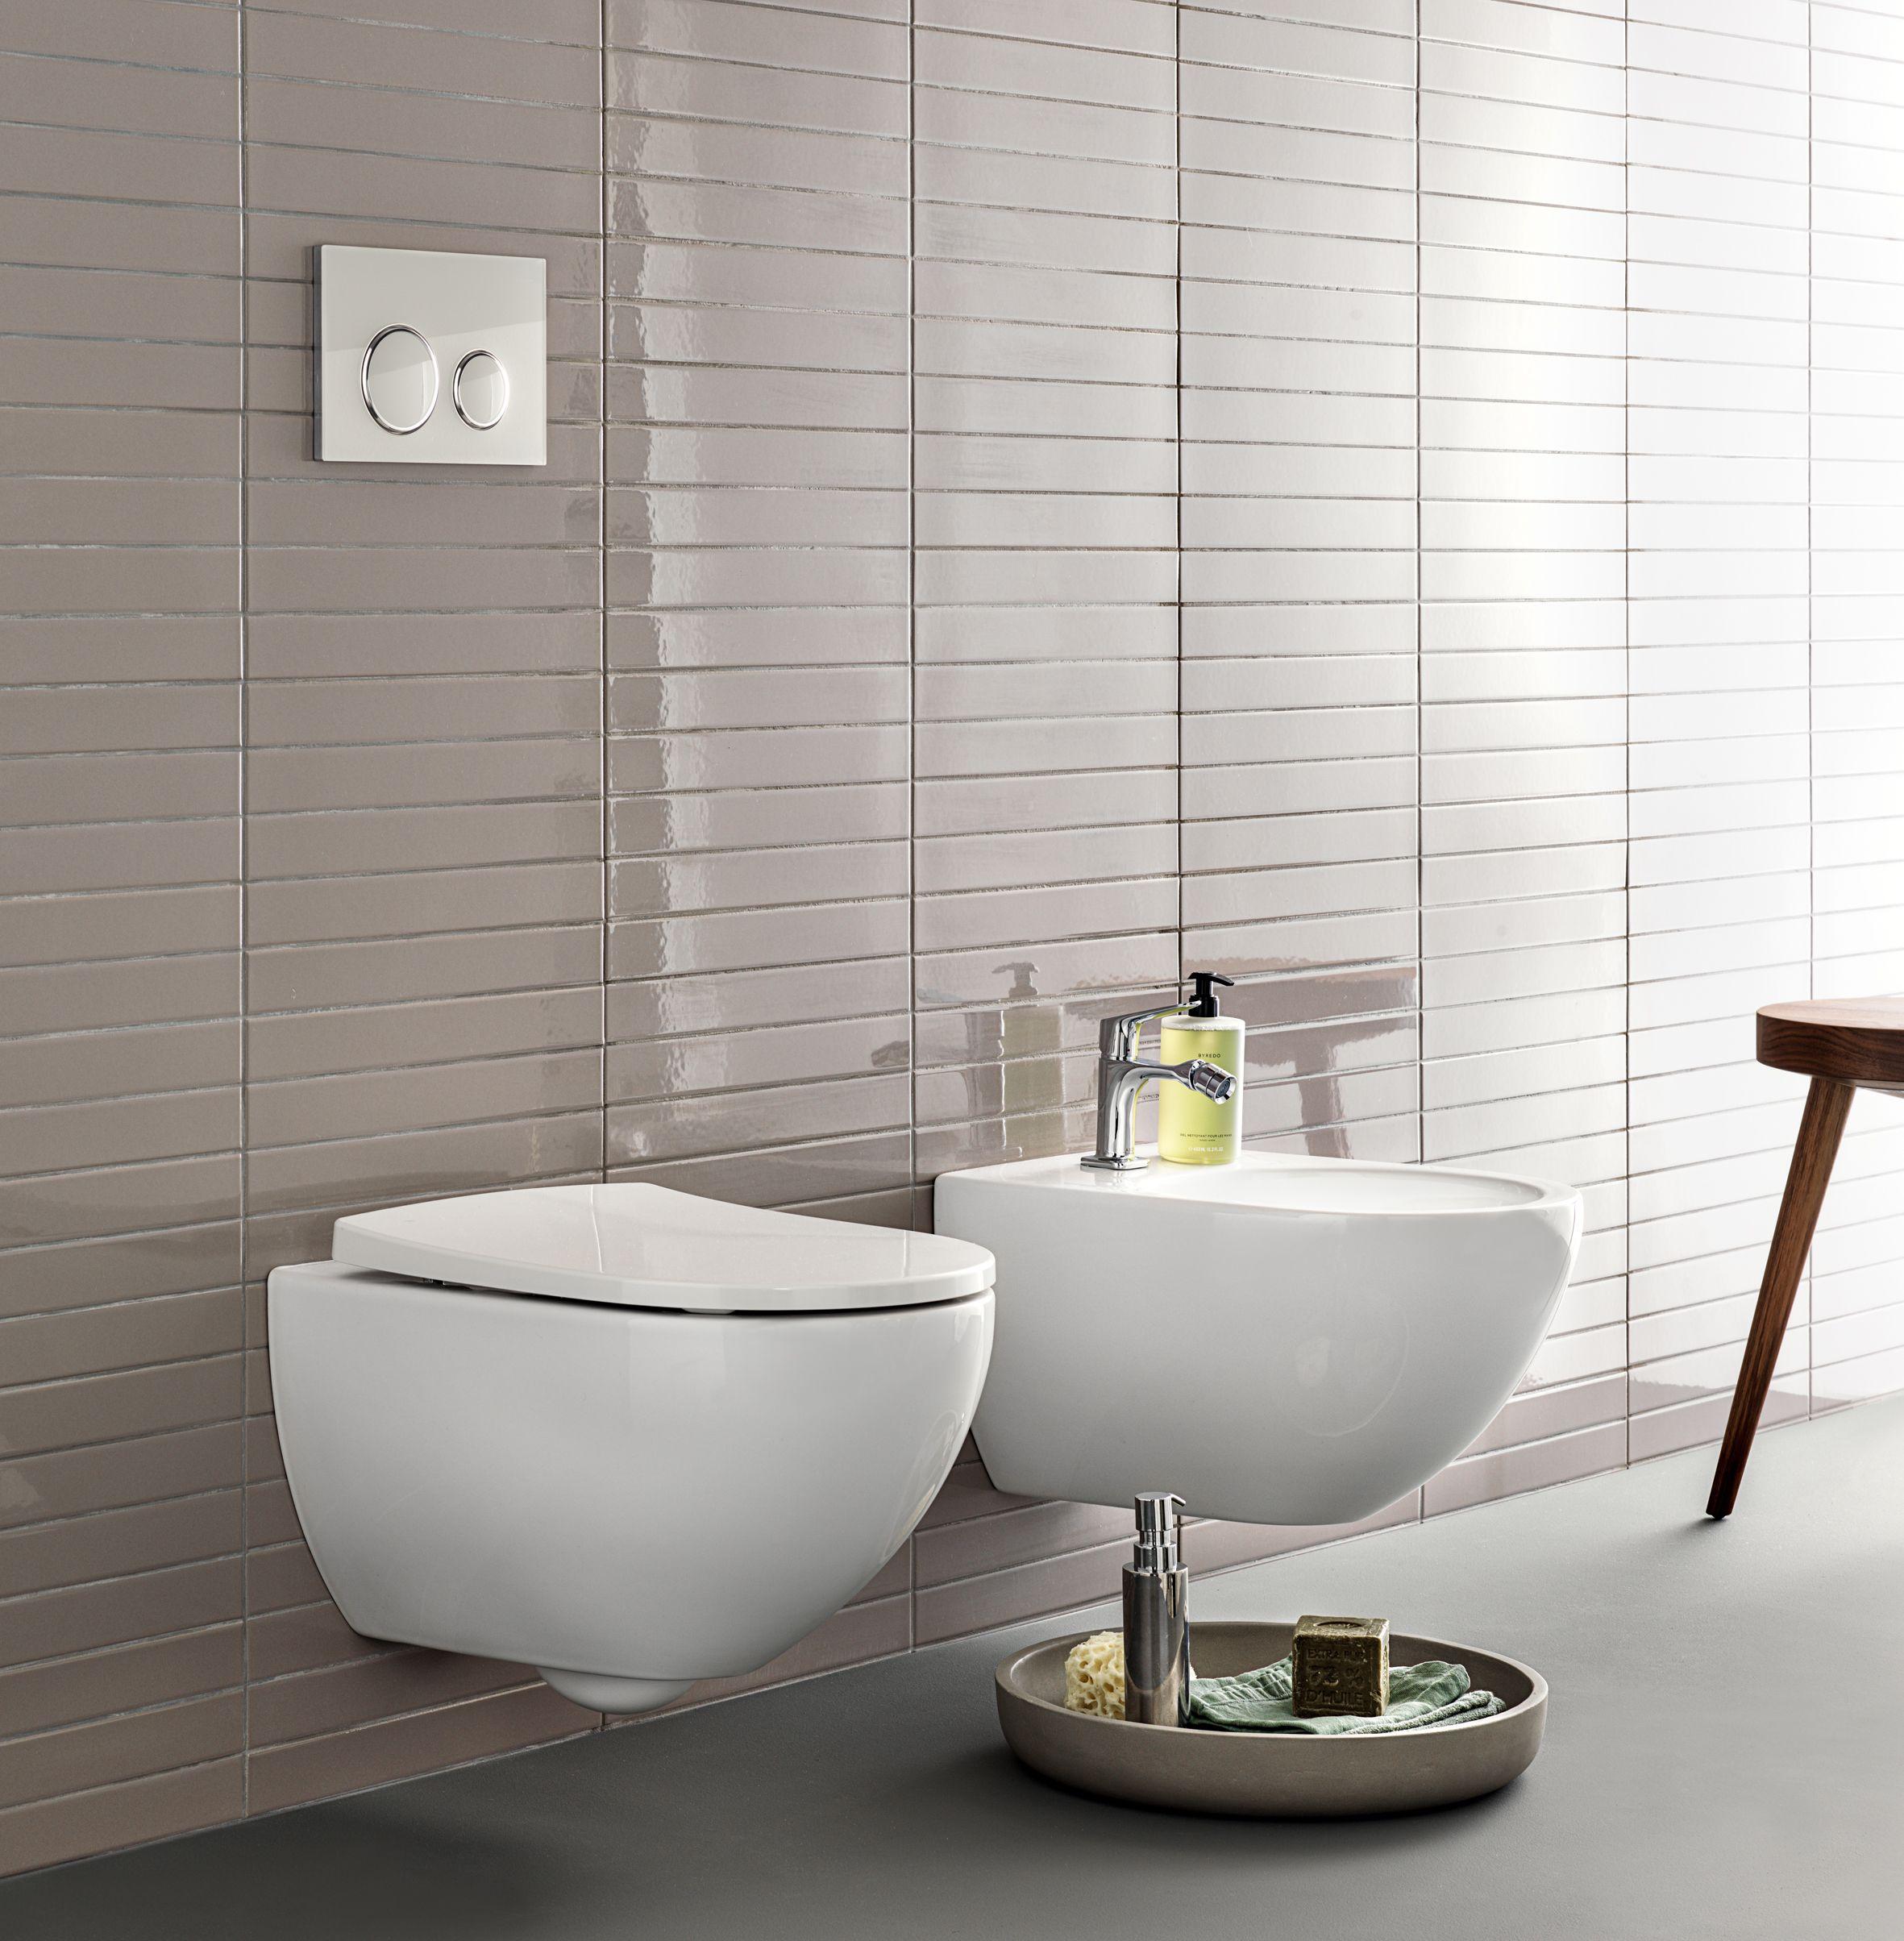 Salle De Bain Plaque salle de bains : plaque de commande (geberit - sigma 20